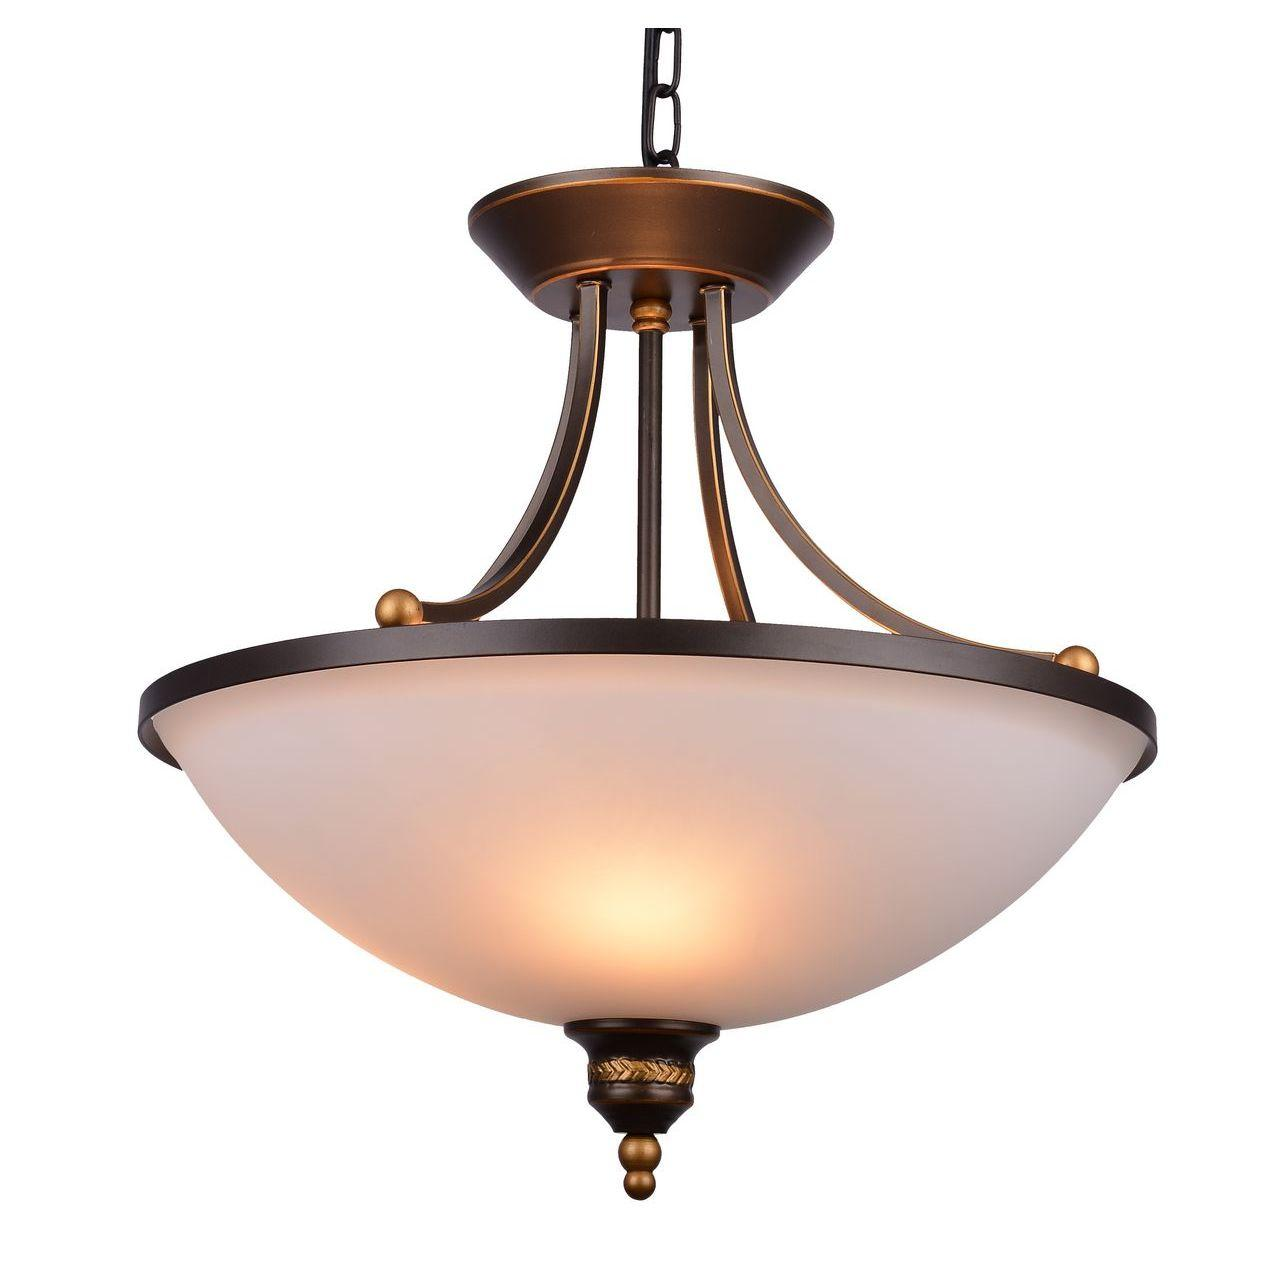 Купить Подвесной светильник Arte Lamp Bonito, inmyroom, Италия